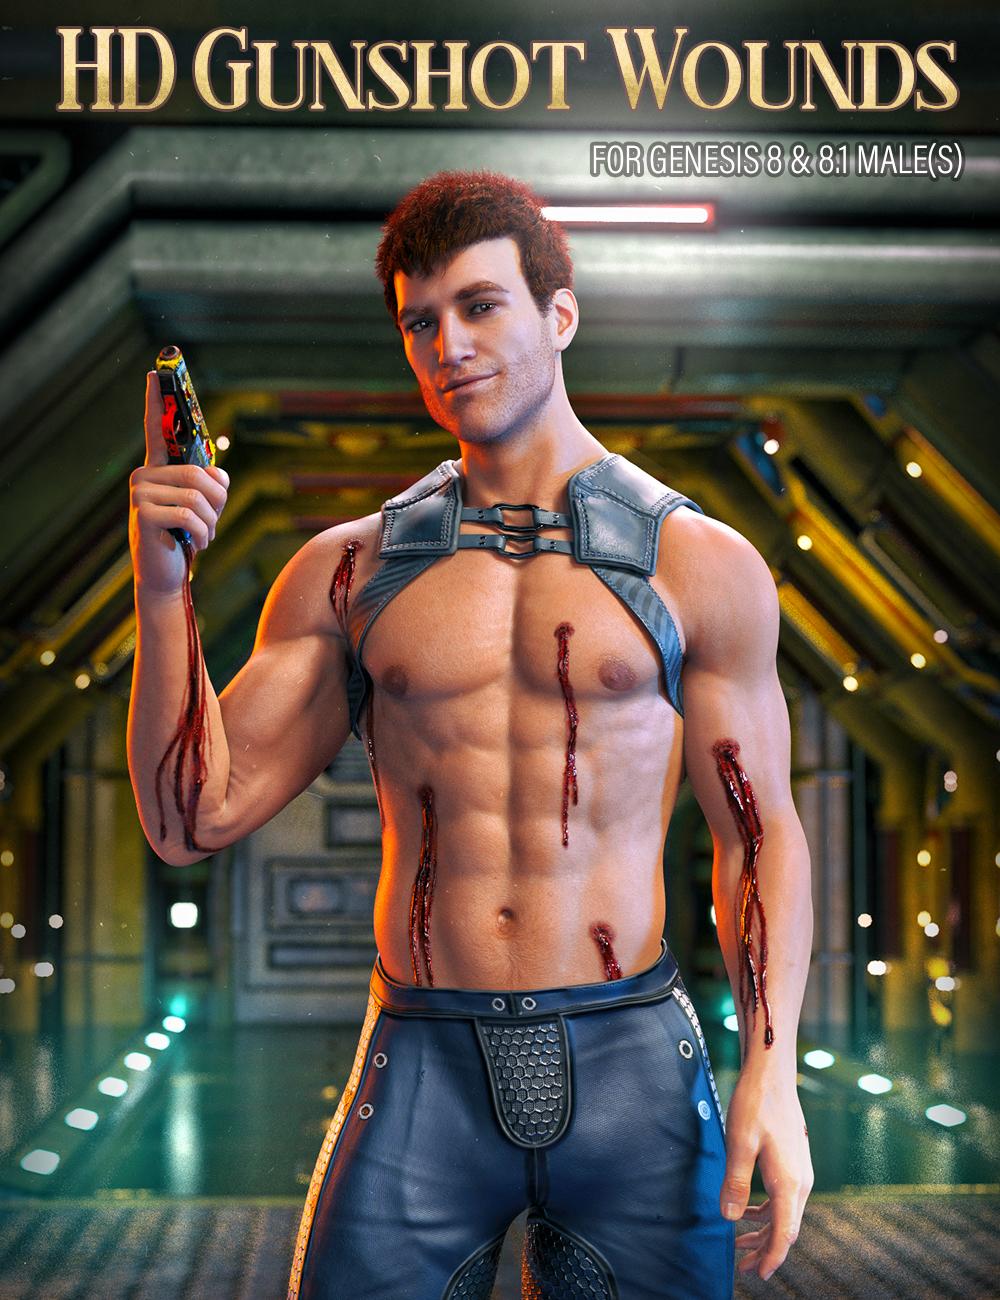 HD Gunshot Wounds for Genesis 8 and 8.1 Males by: FenixPhoenixEsid, 3D Models by Daz 3D